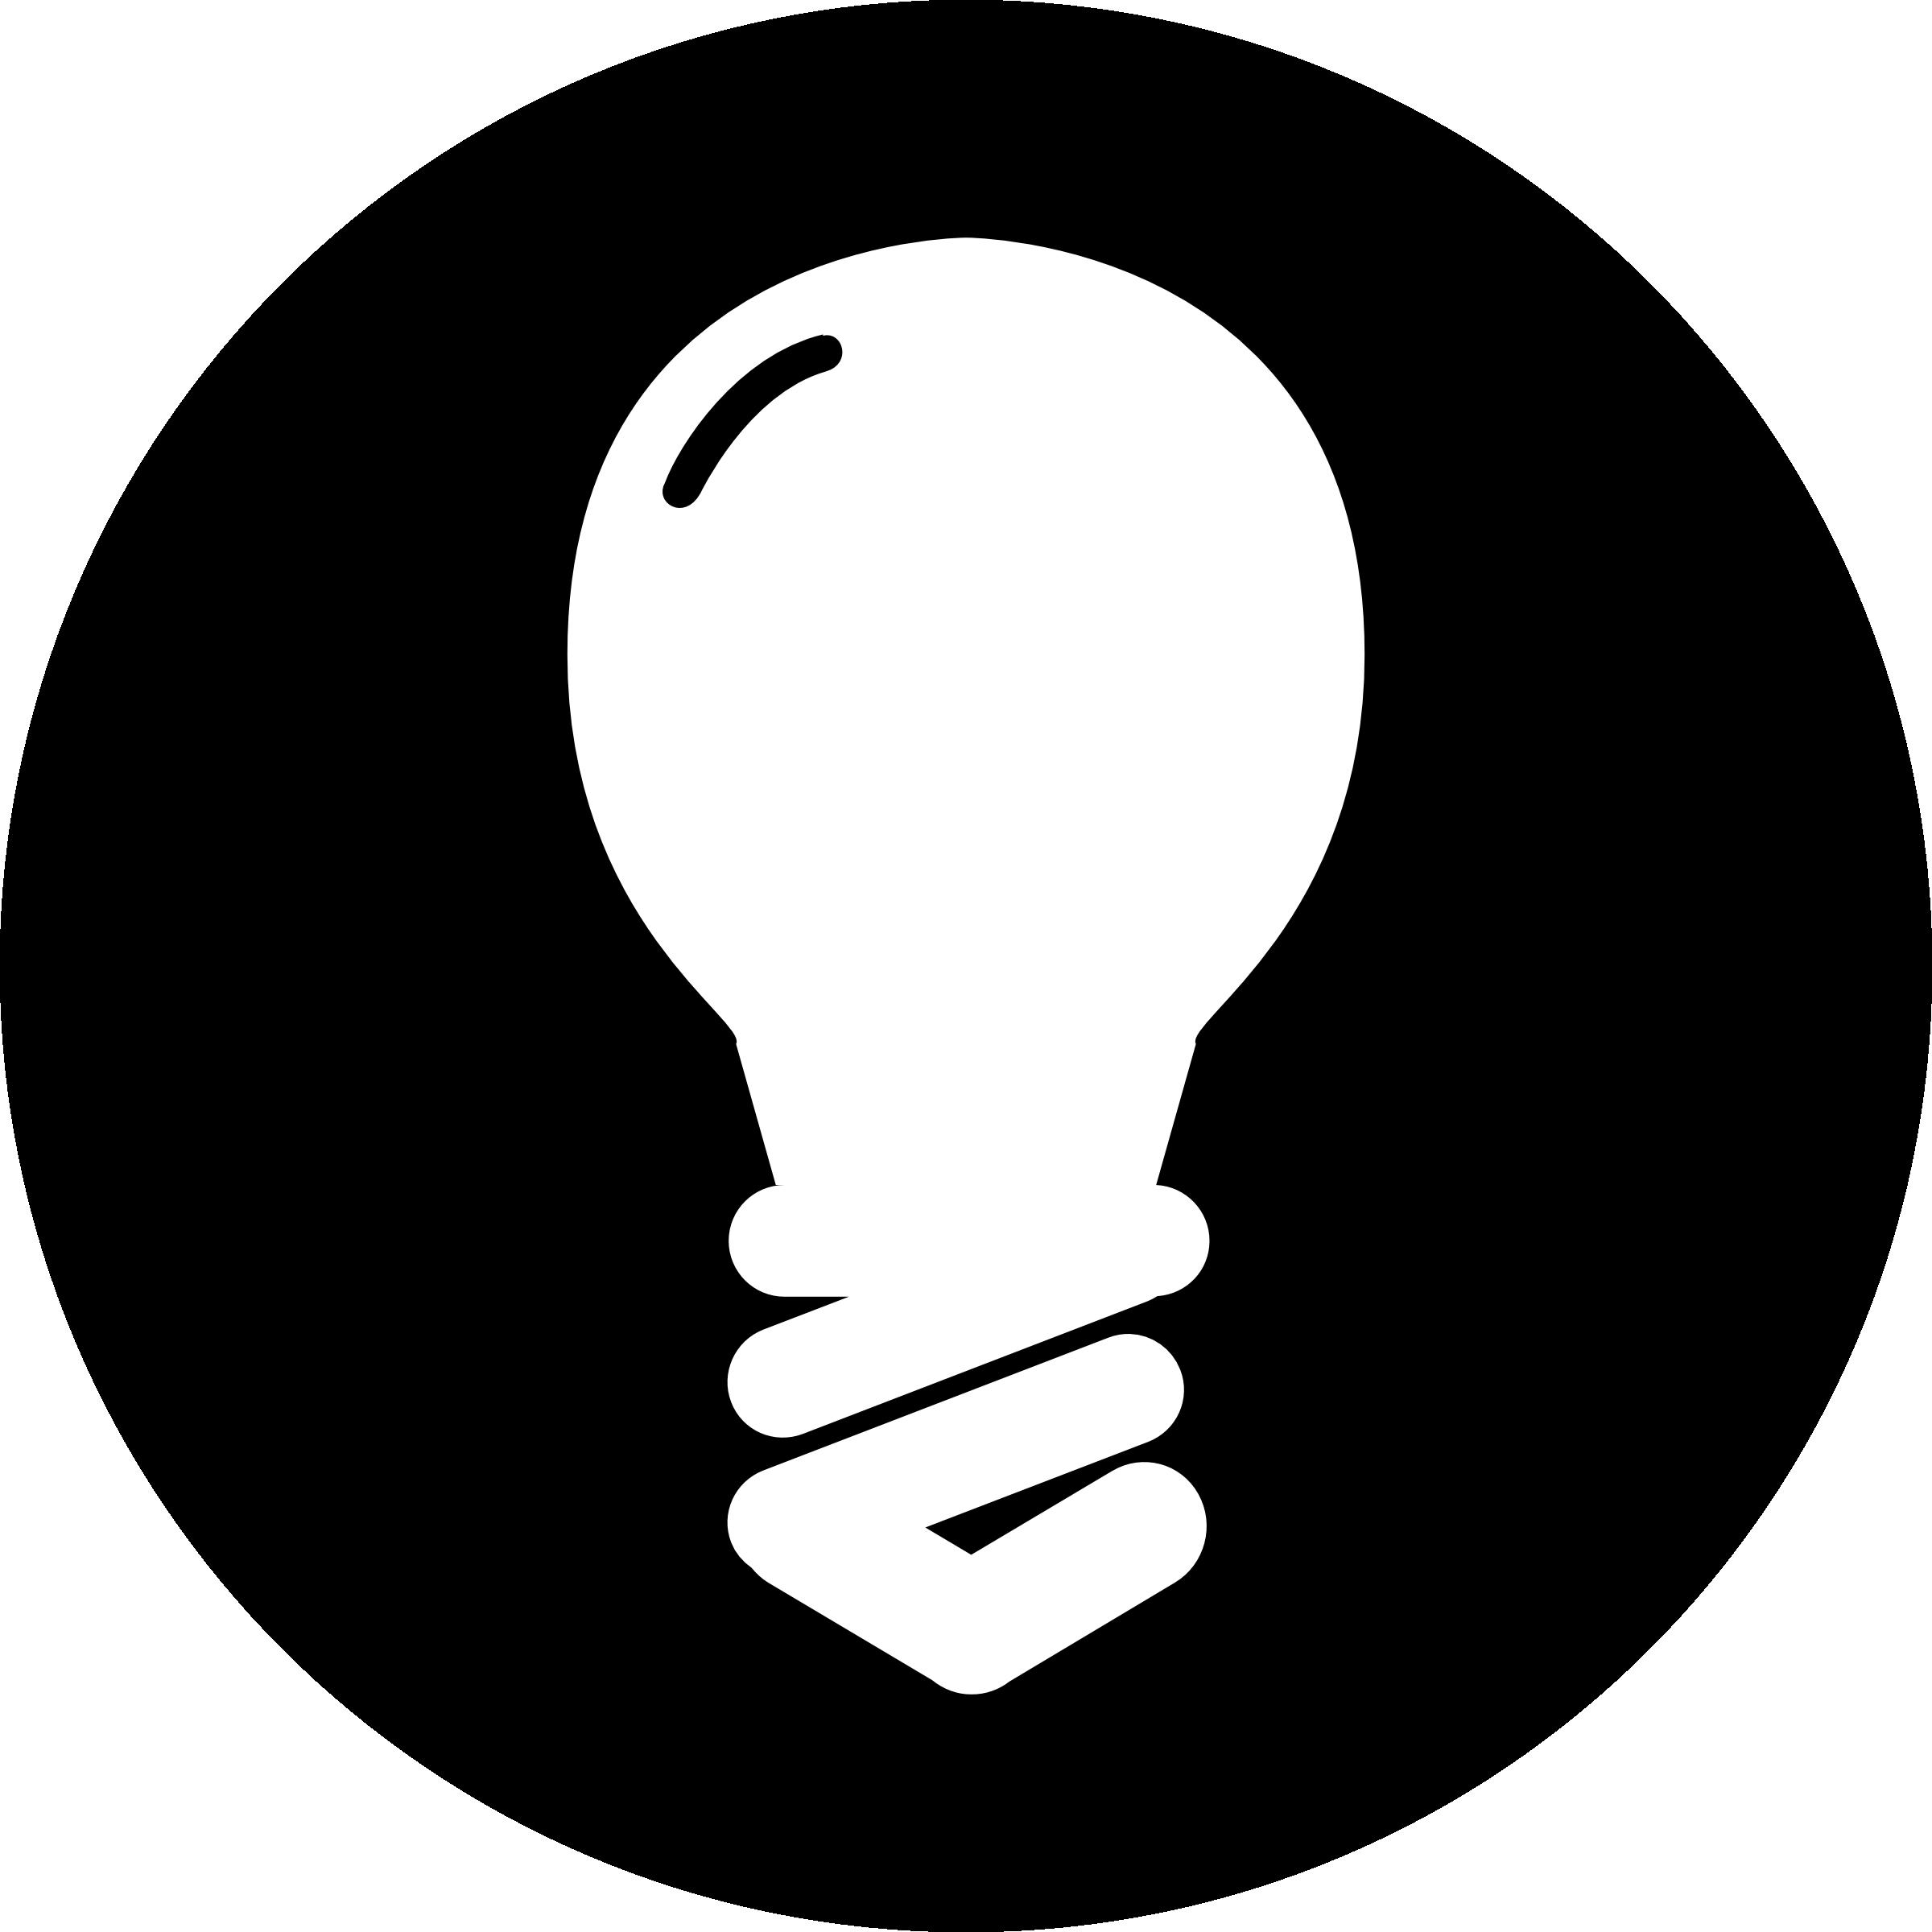 Idea black and white. Light bulb clip art retro